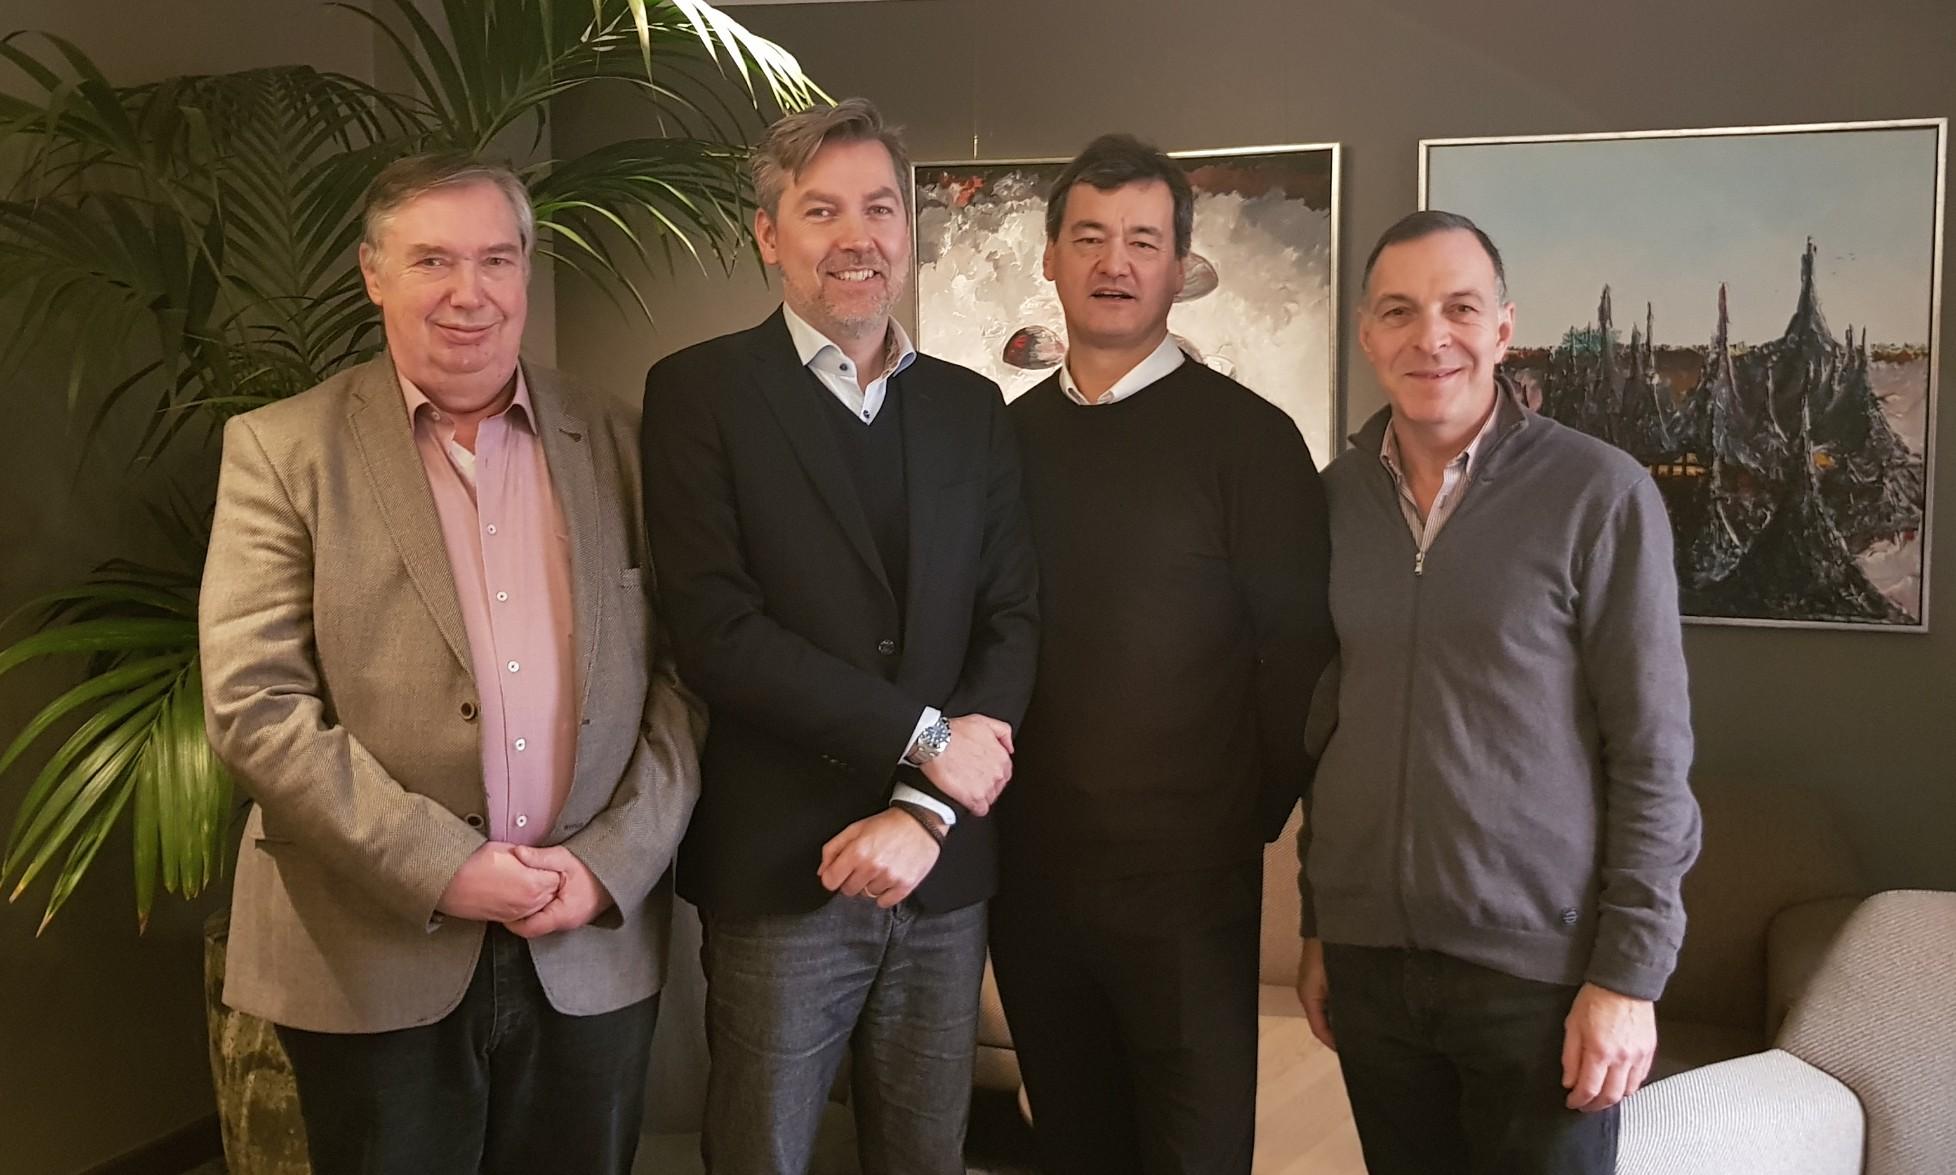 Bestyrelsen for BARID – Board of Airline Representatives In Denmark; fra venstre Per Levring, Morten Balk, Marc Sam og Patrick Menzies. Foto: BARID.